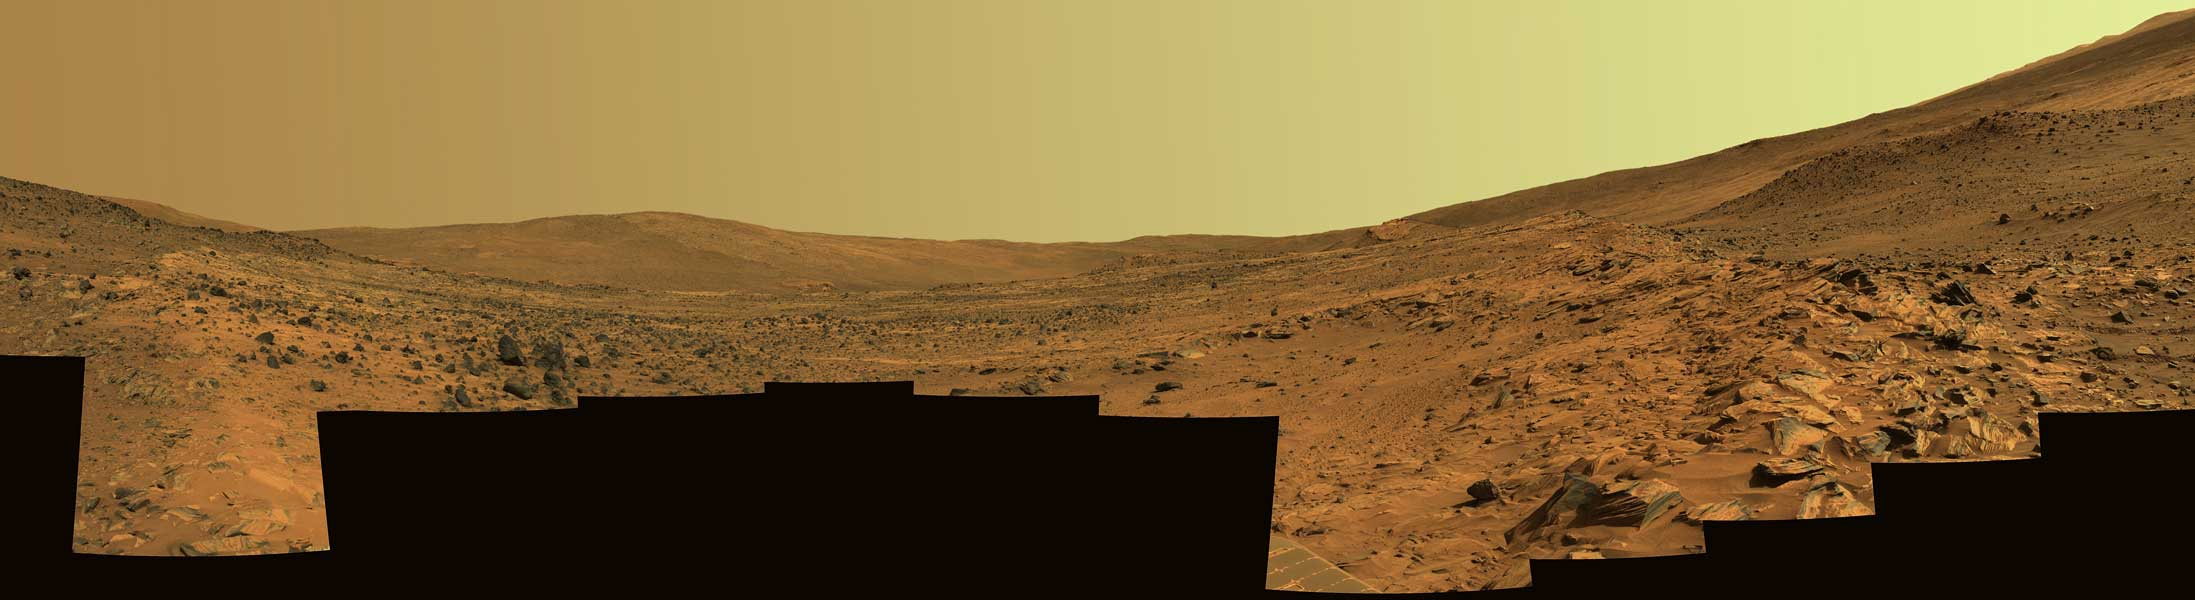 McCool Hill en Marte